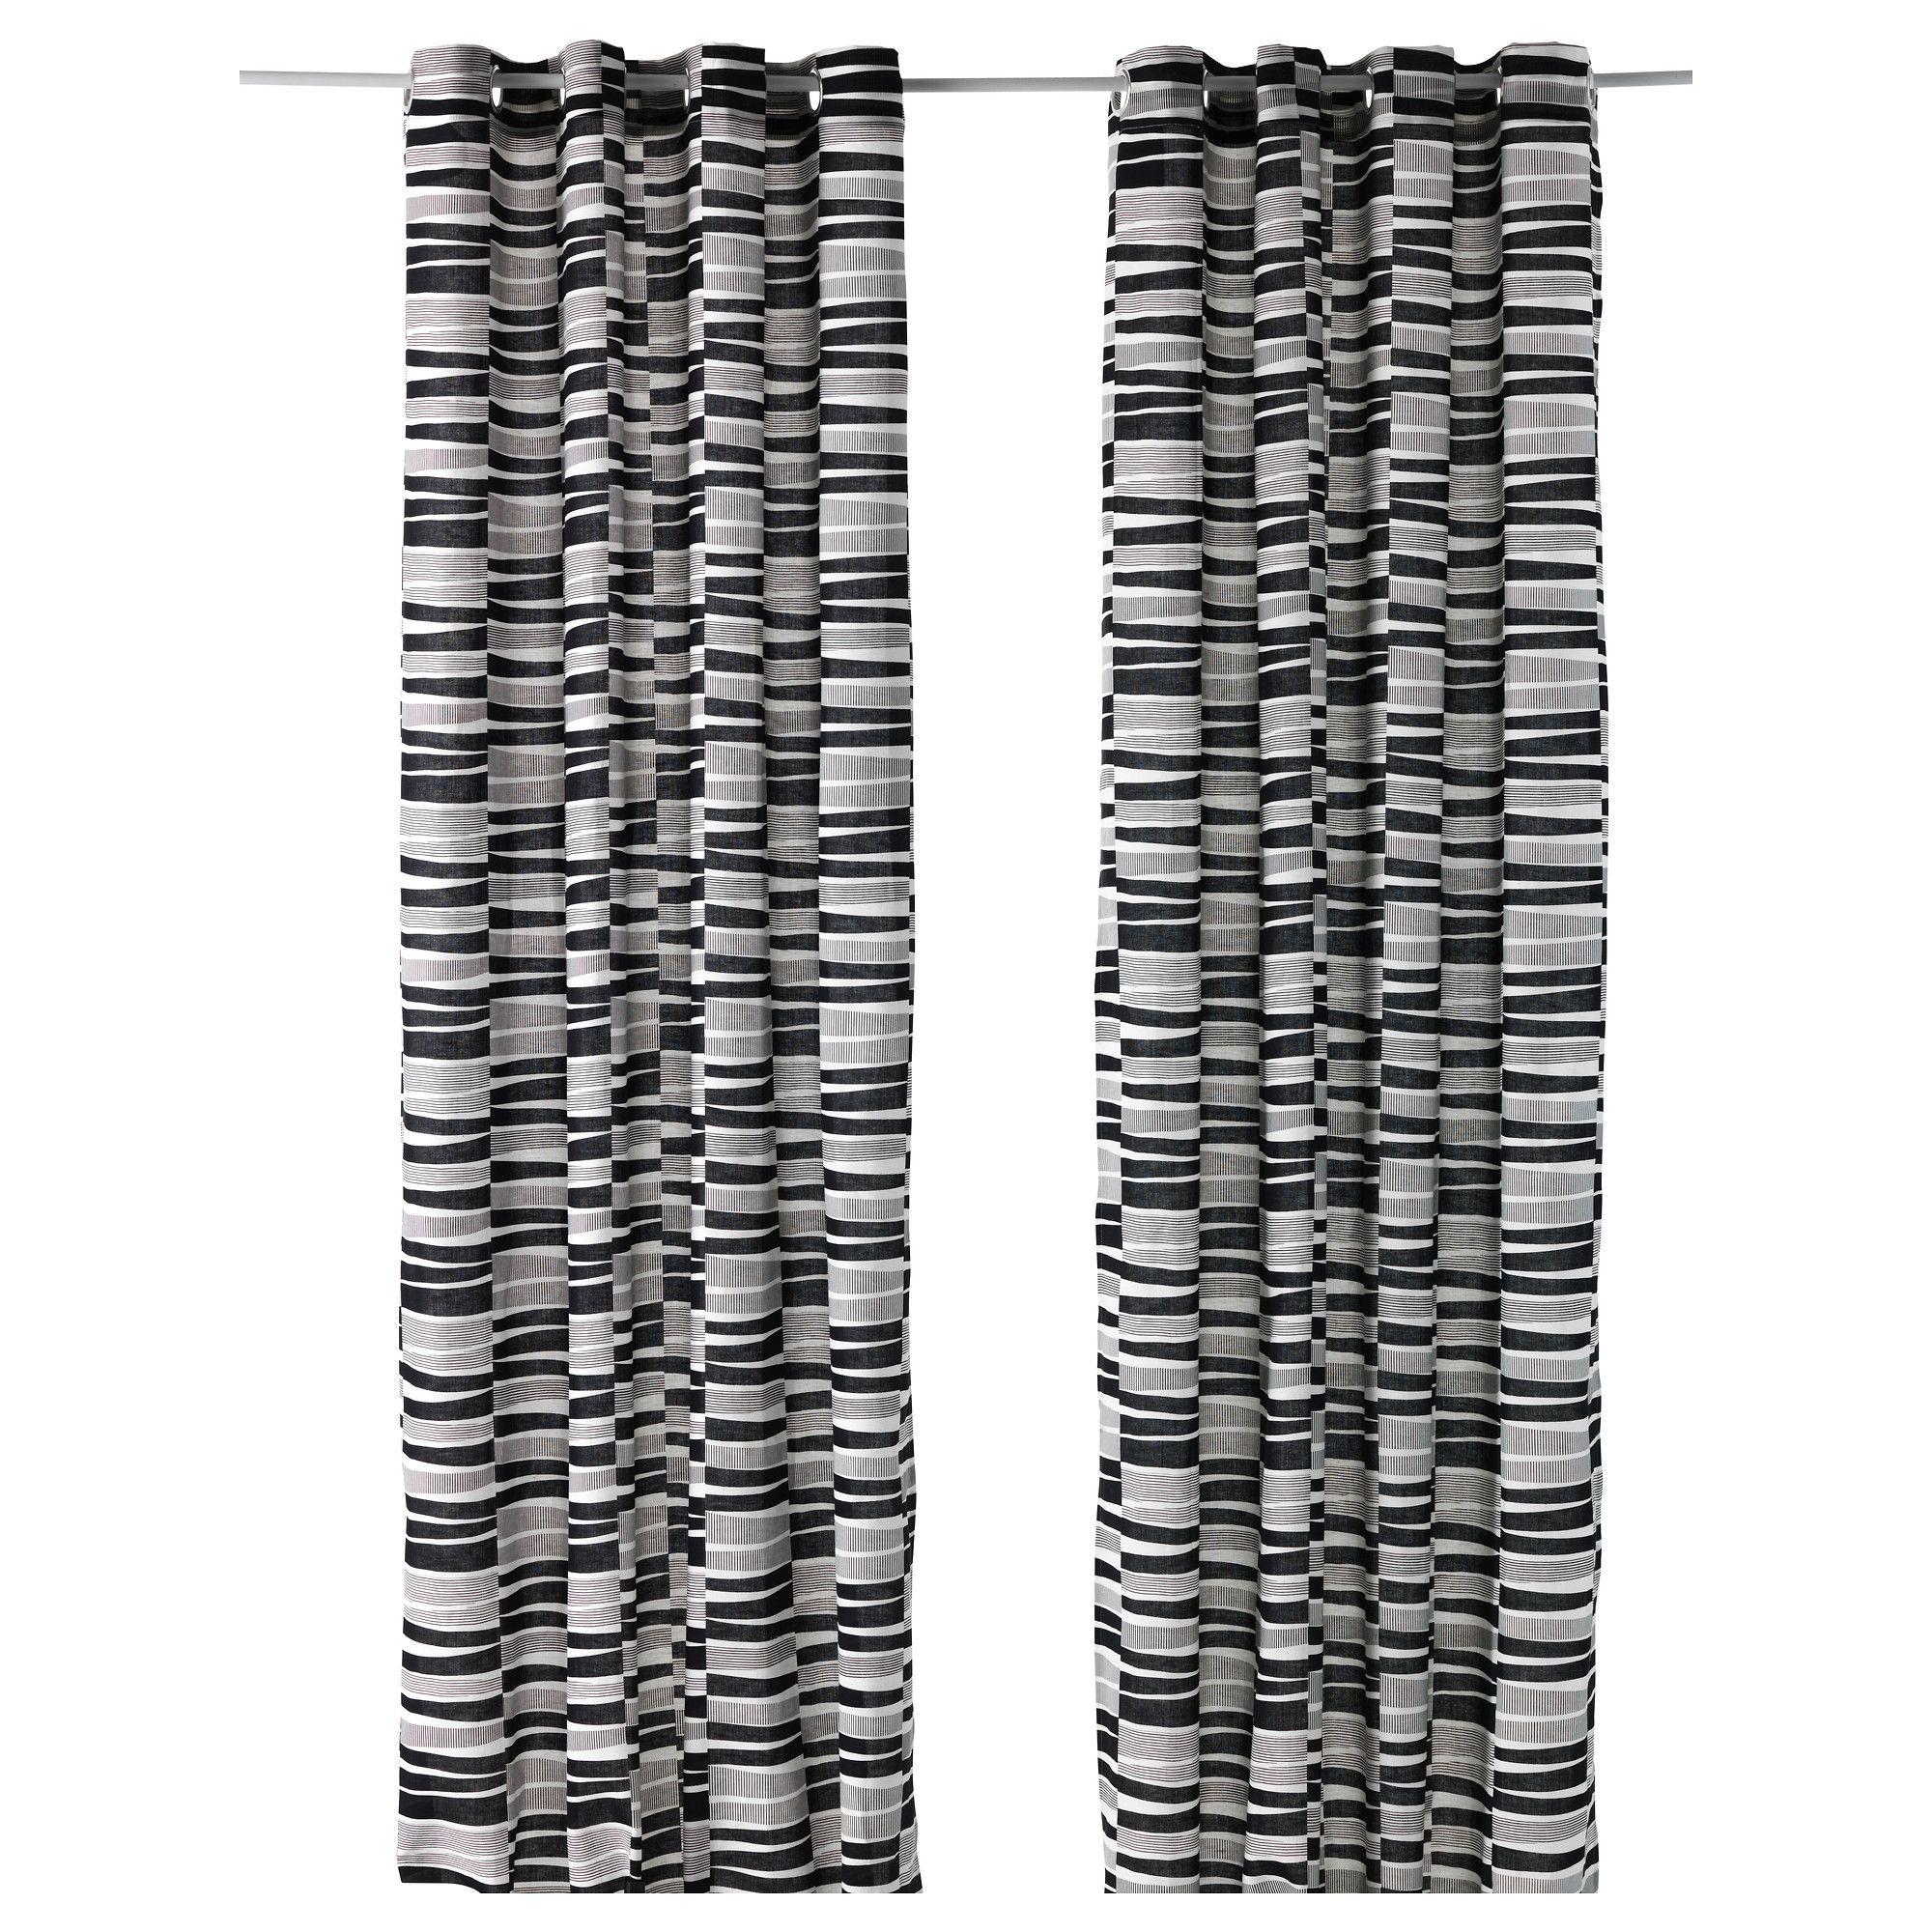 lappljung rand 1 paire de rideaux ikea interior textile pinterest rideaux ikea et ikea. Black Bedroom Furniture Sets. Home Design Ideas